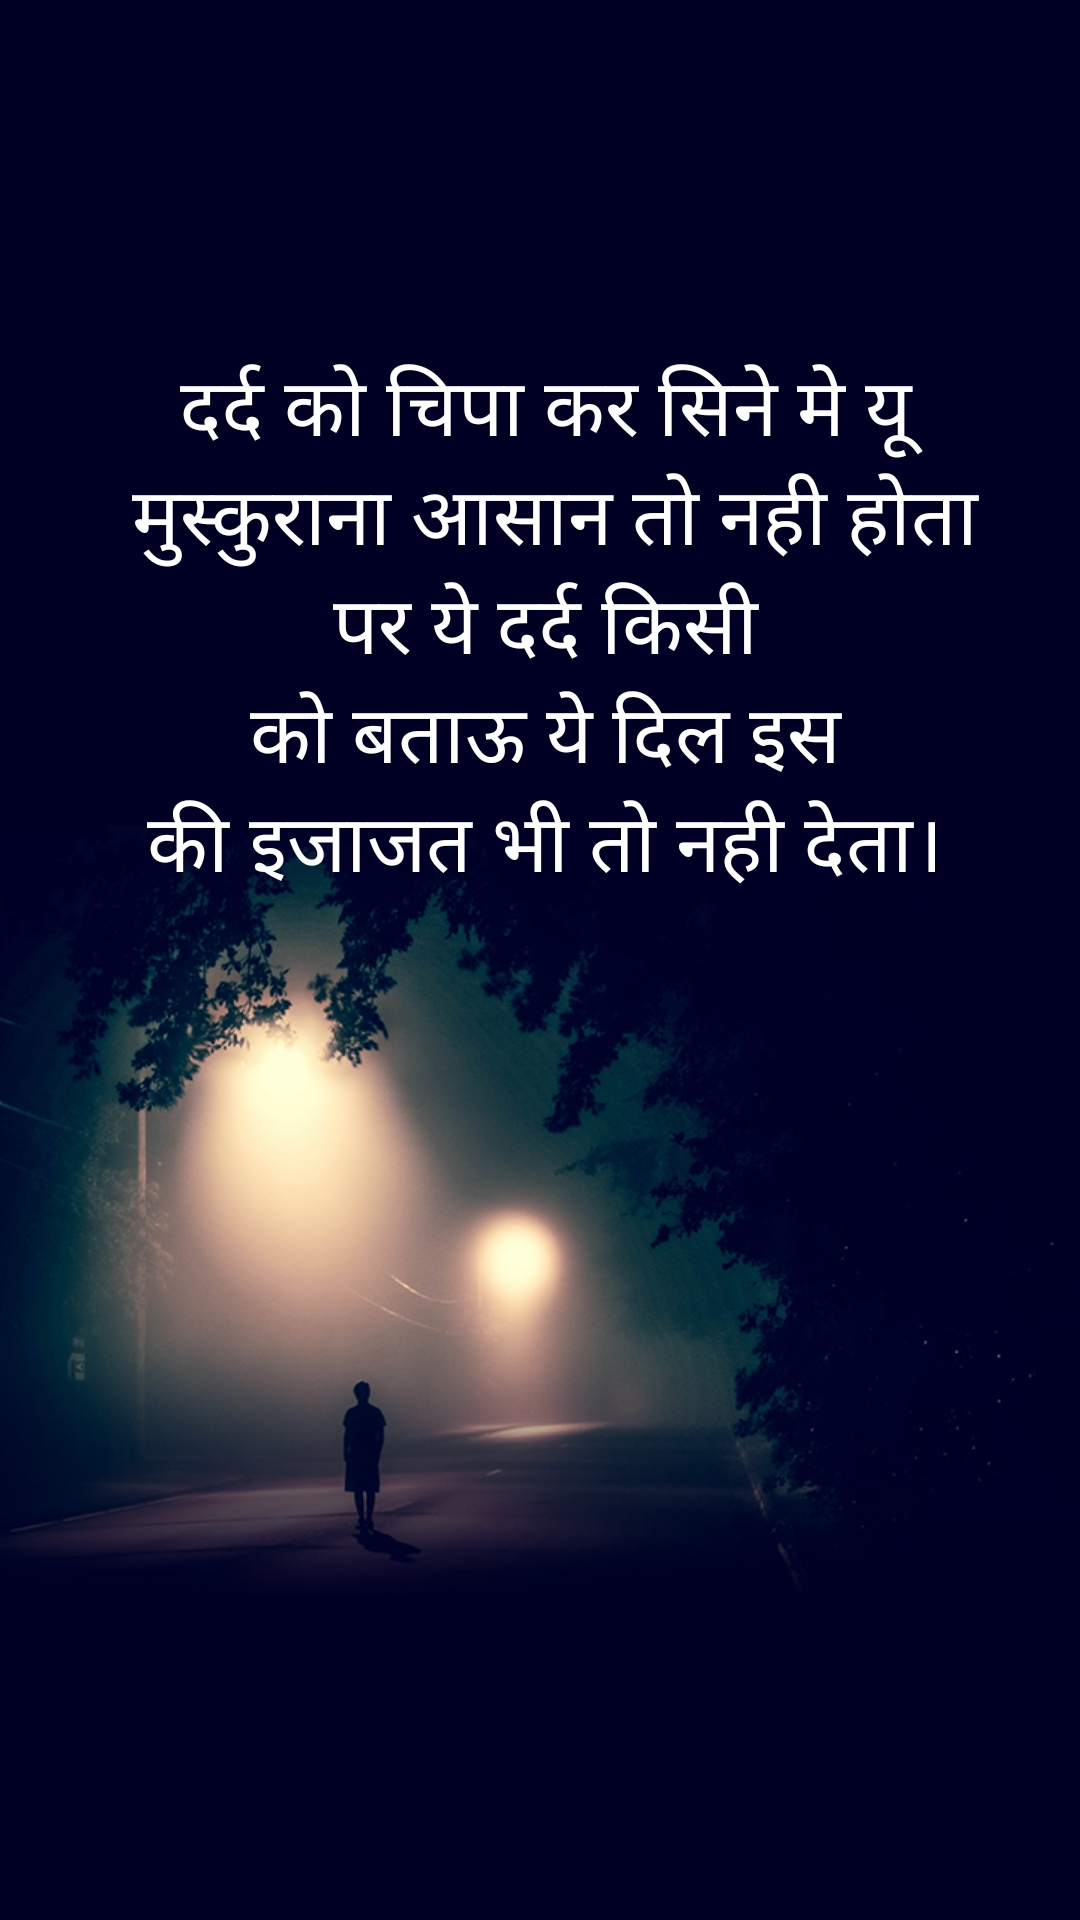 दर्द को चिपा कर सिने मे यू  मुस्कुराना आसान तो नही होता पर ये दर्द किसी  को बताऊ ये दिल इस  की इजाजत भी तो नही देता।